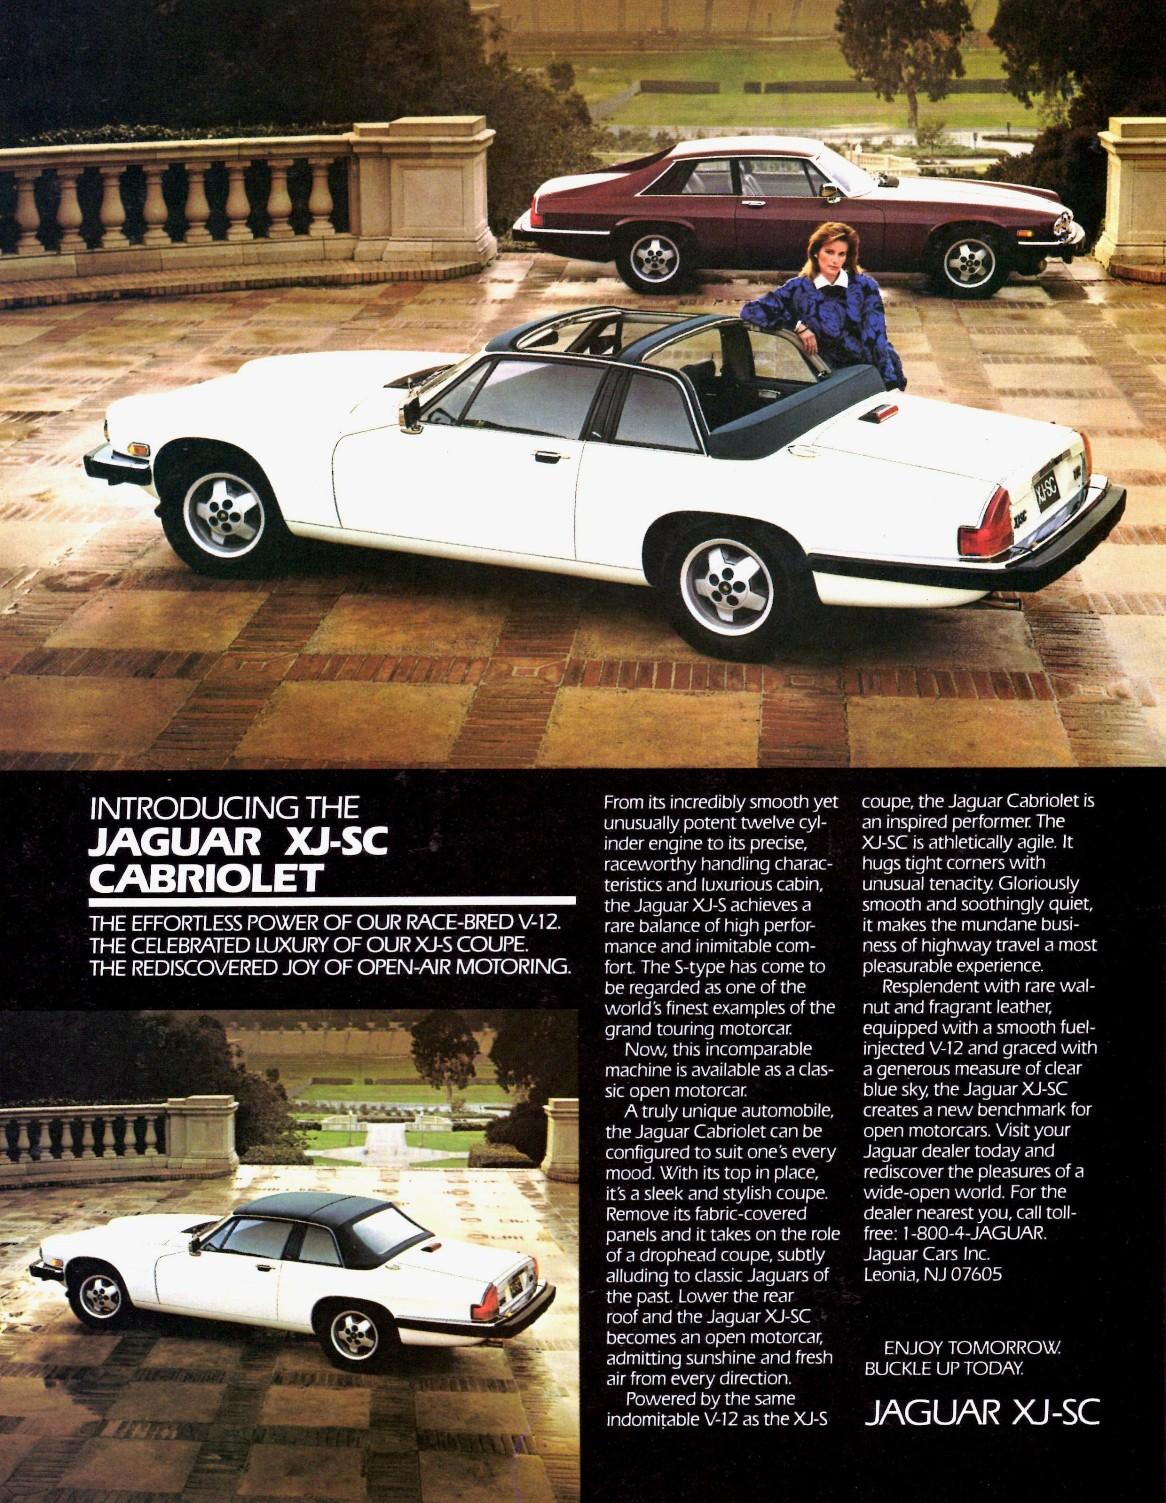 1986-Jaguar-XJ-SC-Cabriolet.jpg